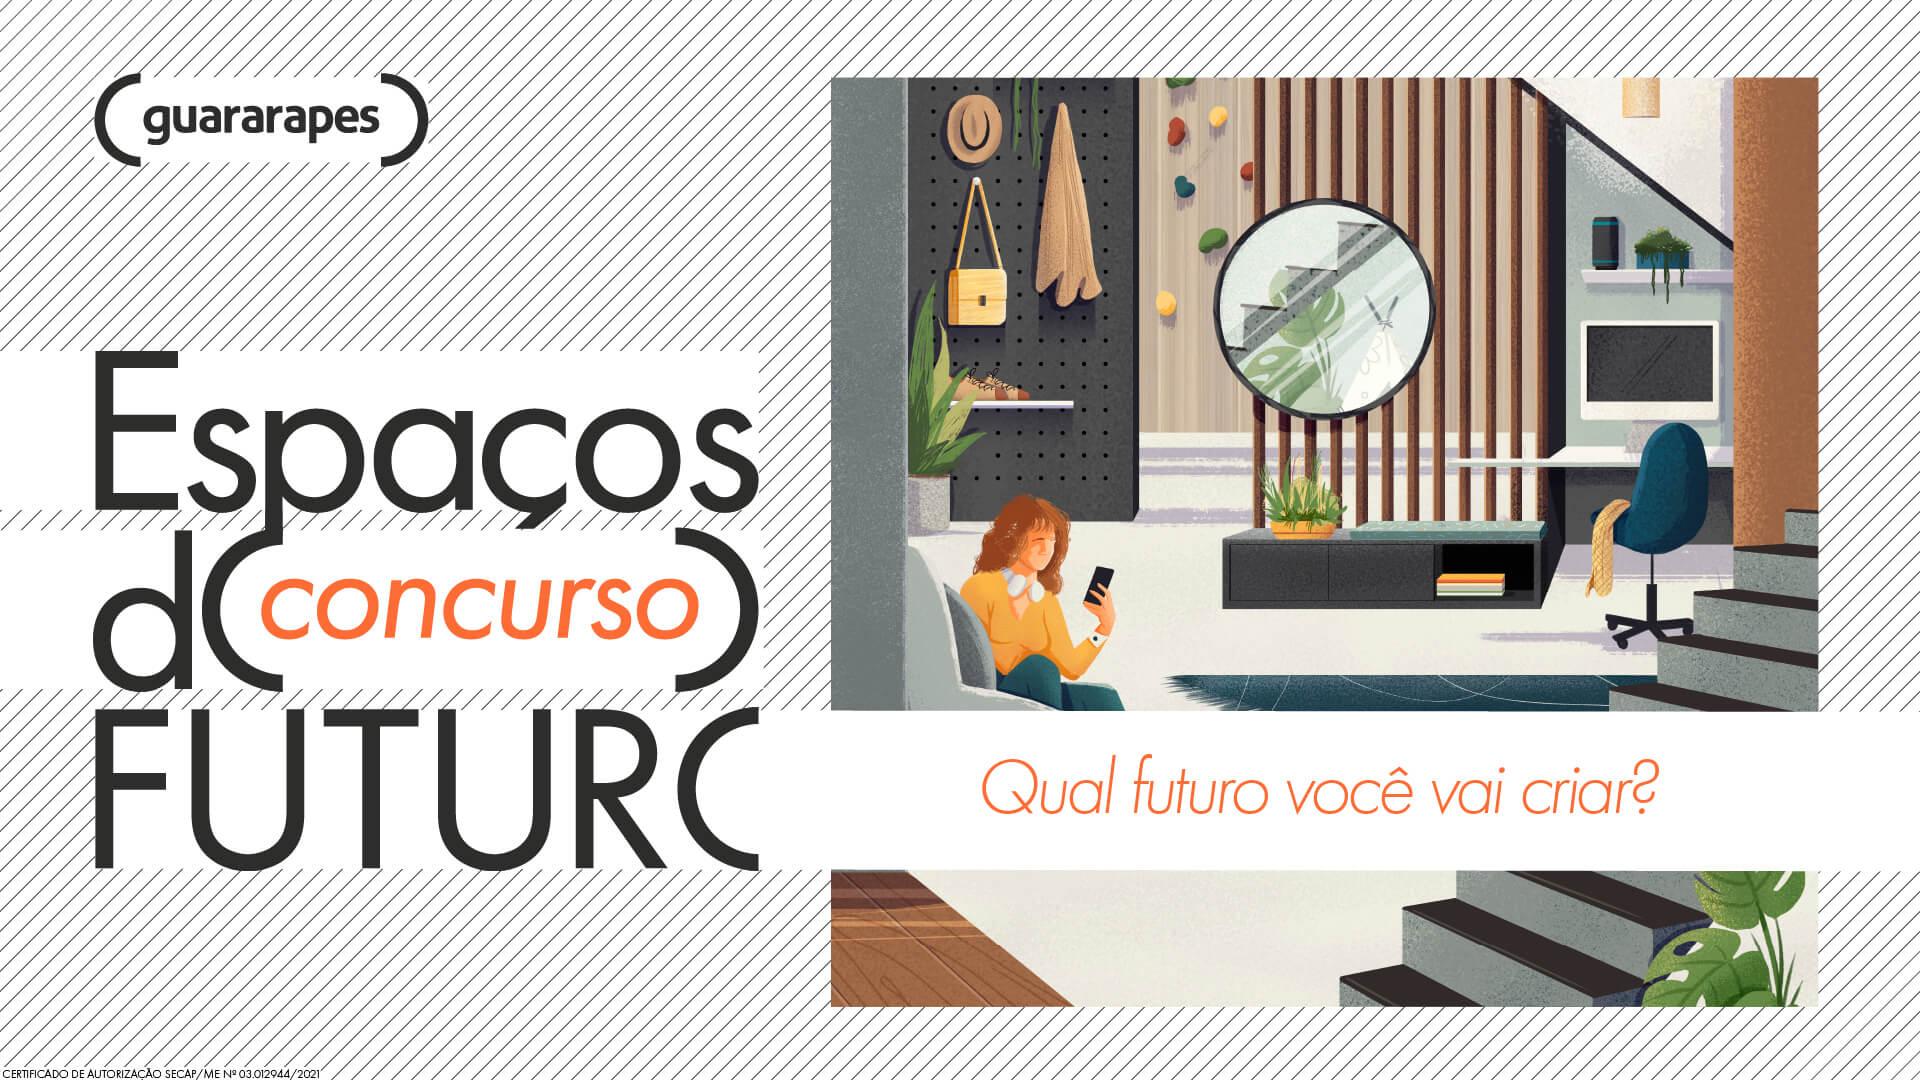 Concurso da Guararapes convida arquitetos, designers e marceneiros para pensar a casa do futuro.